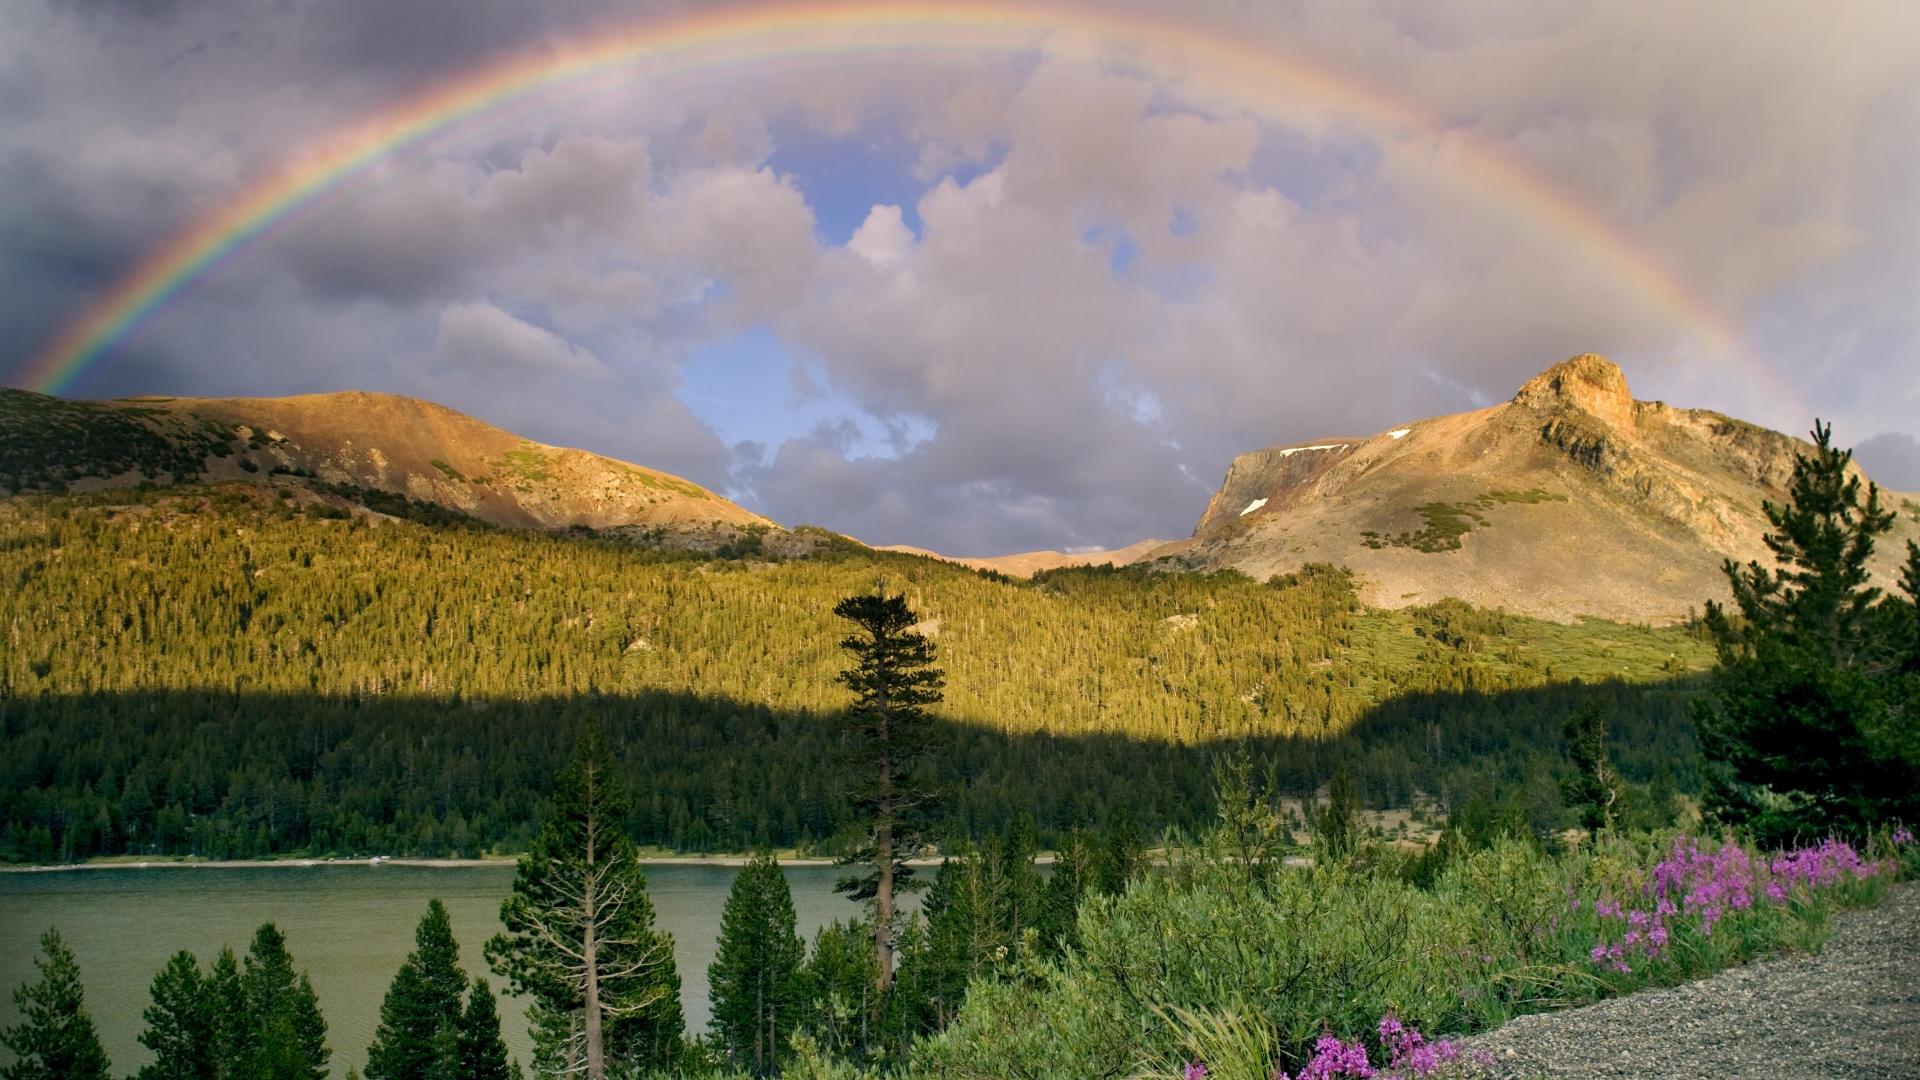 32219 免費下載壁紙 景观, 河, 彩虹 屏保和圖片